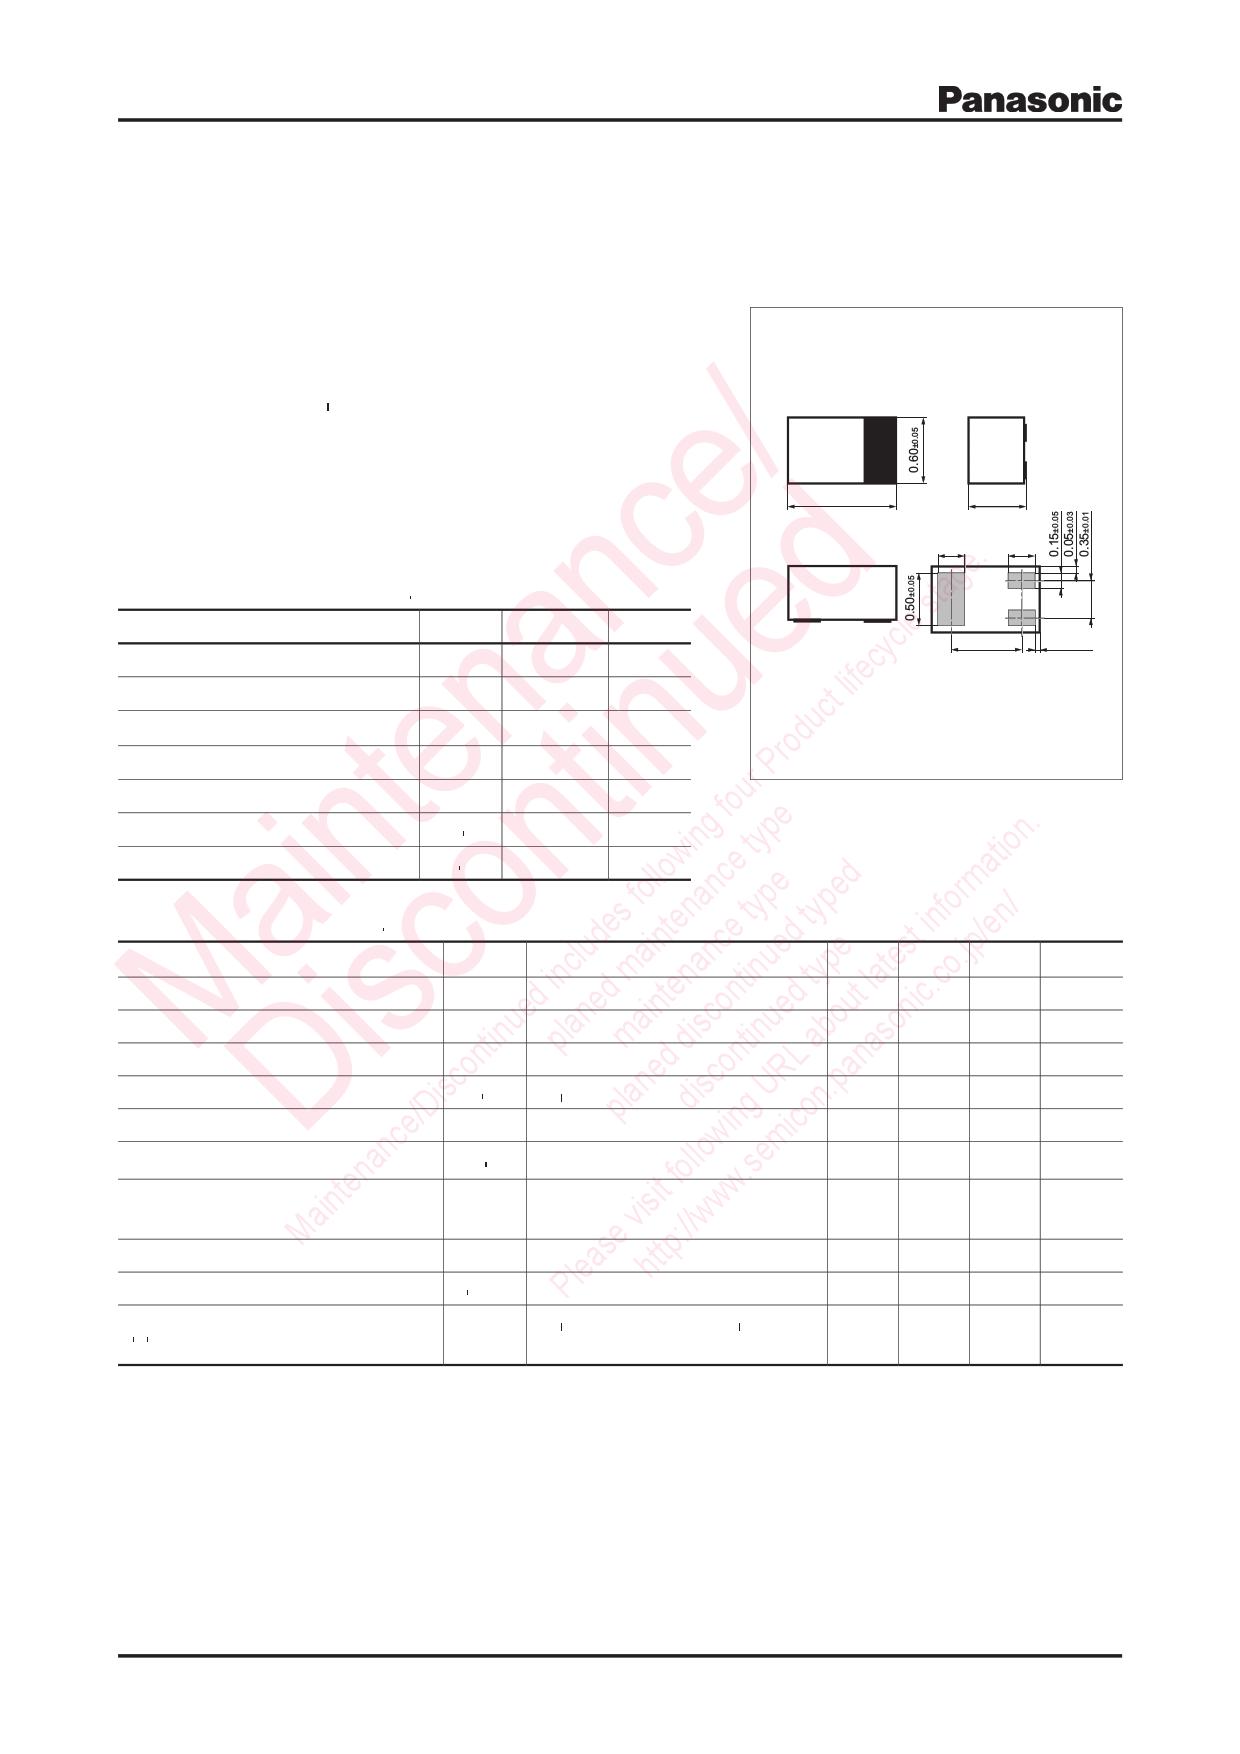 2SC6050 datasheet, circuit